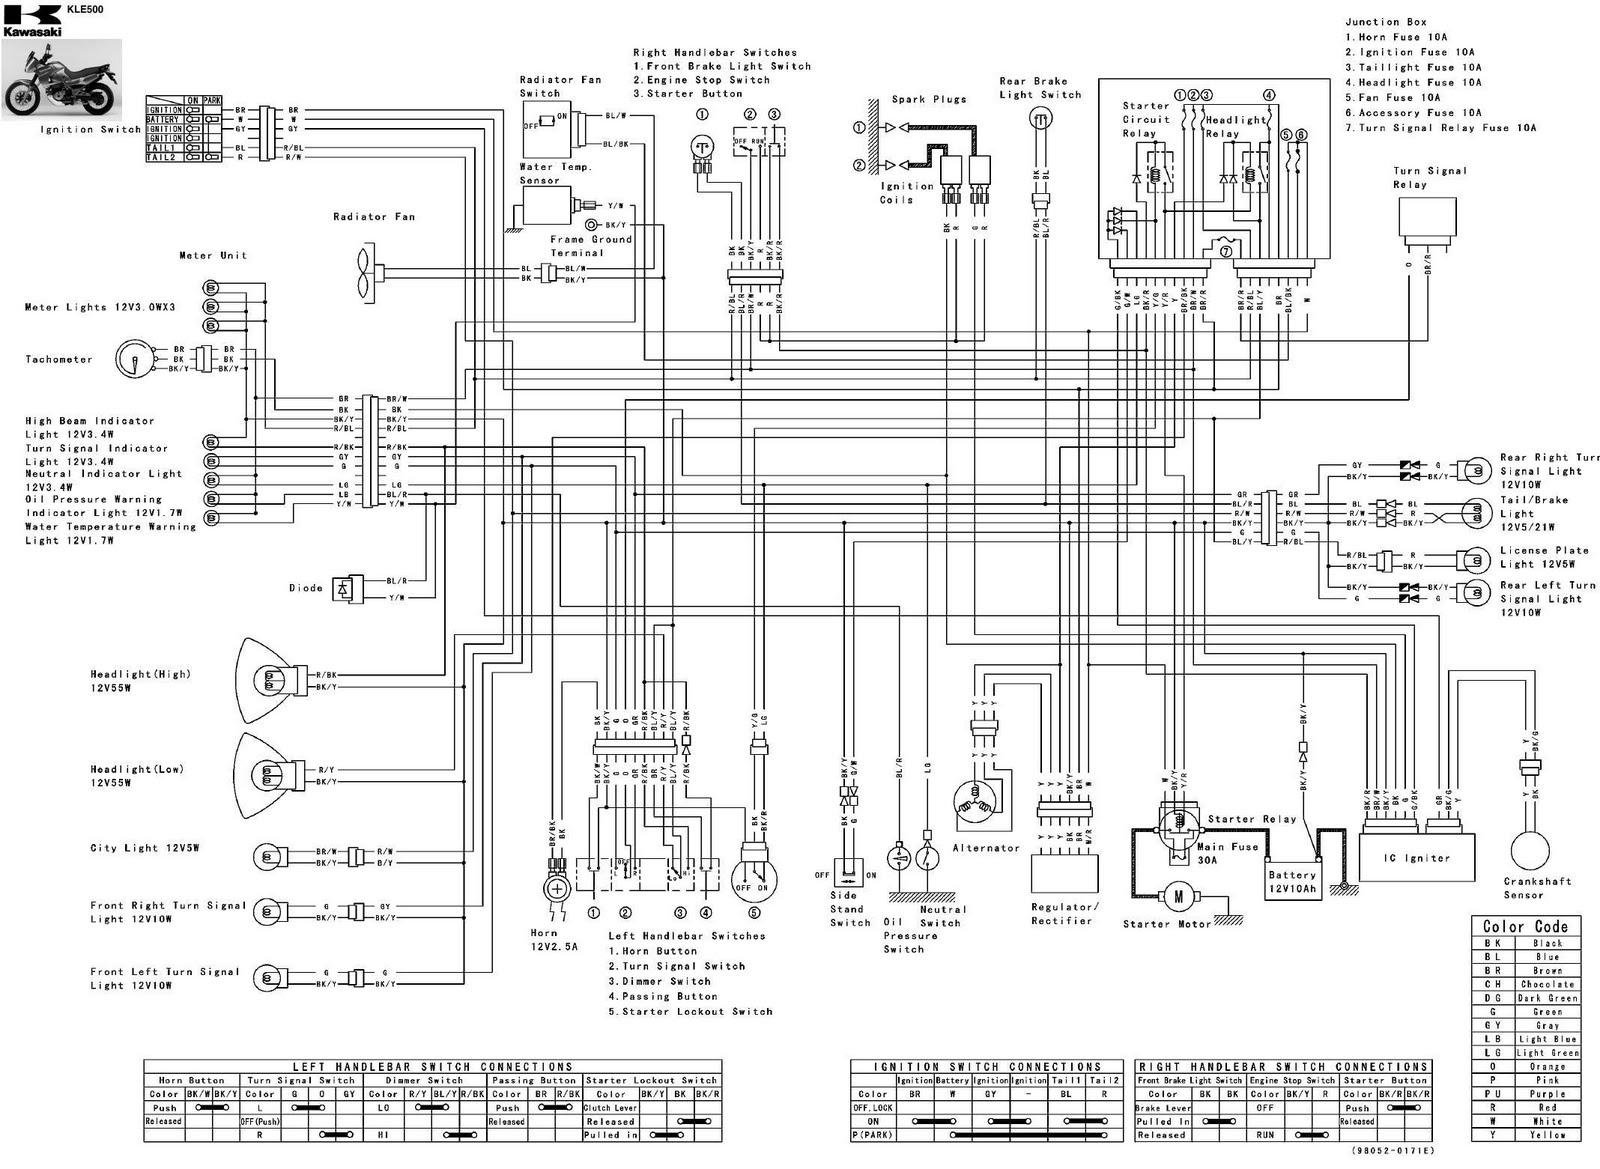 kawasaki ex500 wiring schematic wiring diagram kawasaki ninja 500r wiring diagram [ 1600 x 1169 Pixel ]